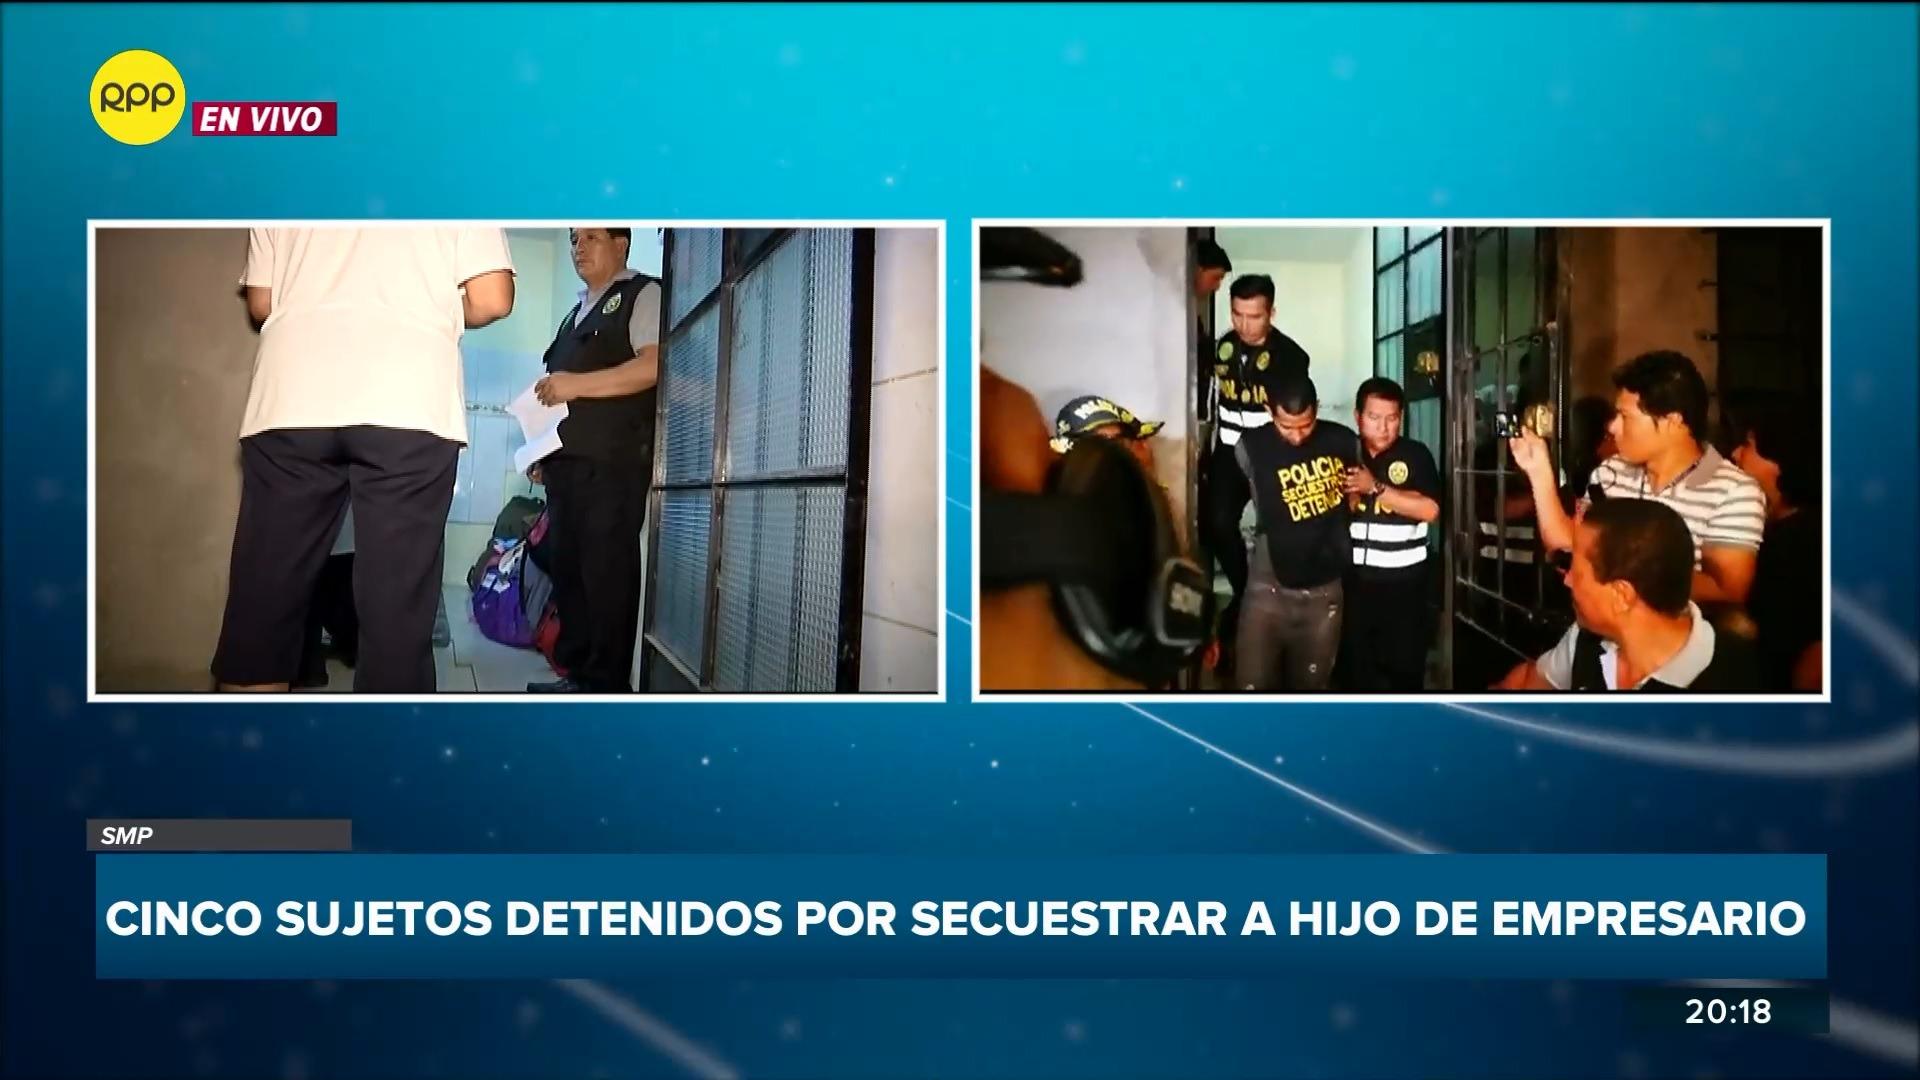 La Policía detuvo a 5 extranjeros en una vivienda de San Martín de Porres donde tenían a la víctima.